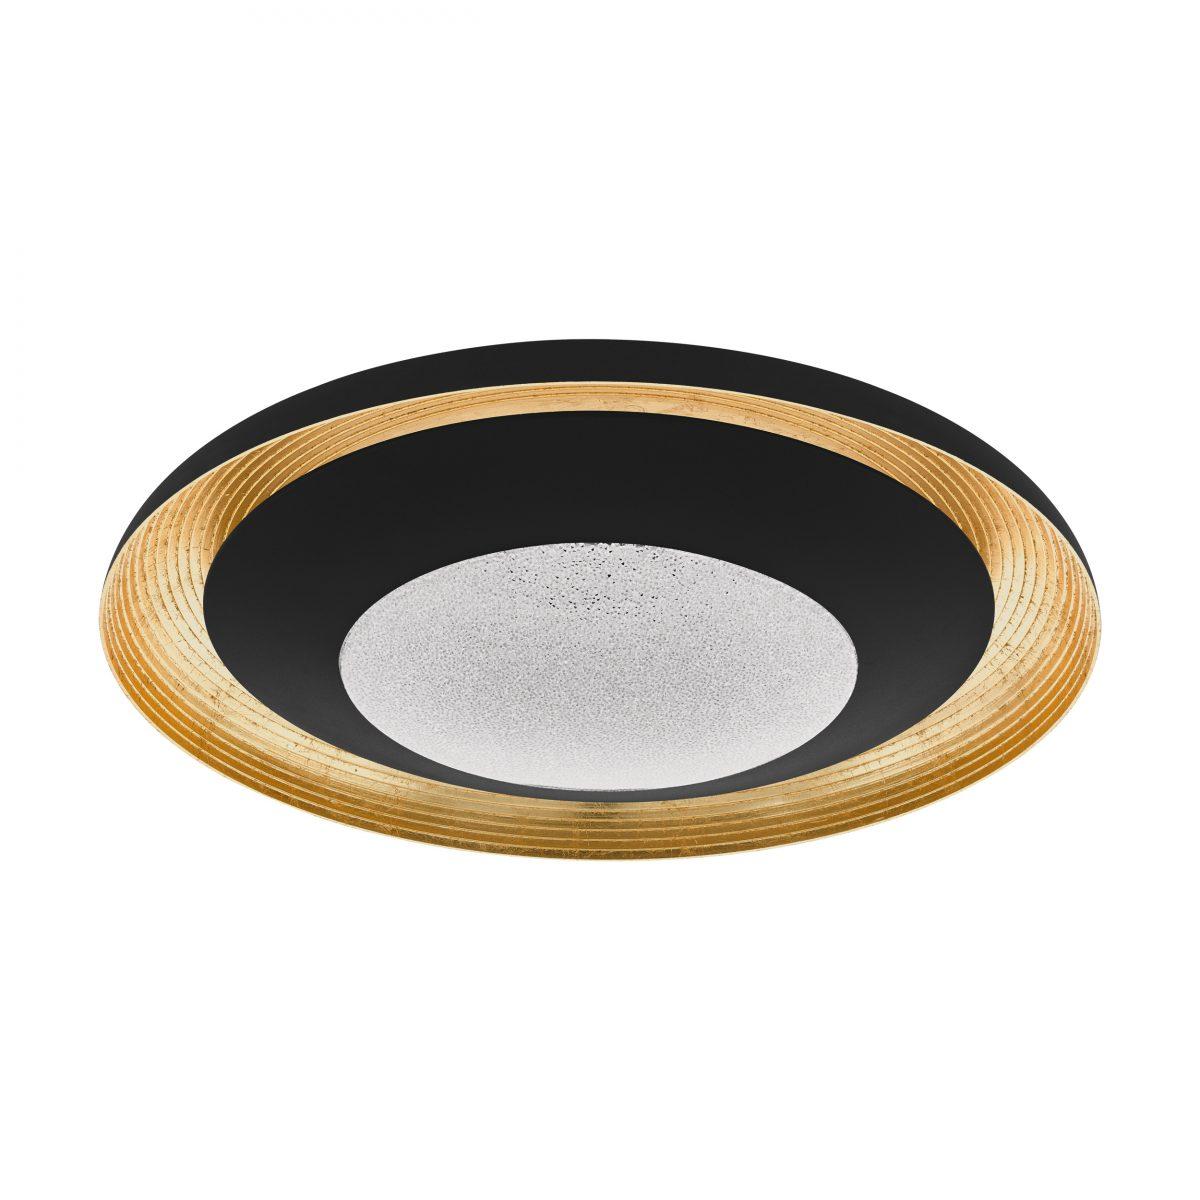 Світильник настінно-стельовий CANICOSA 2 EGLO 98527 - Фото №28